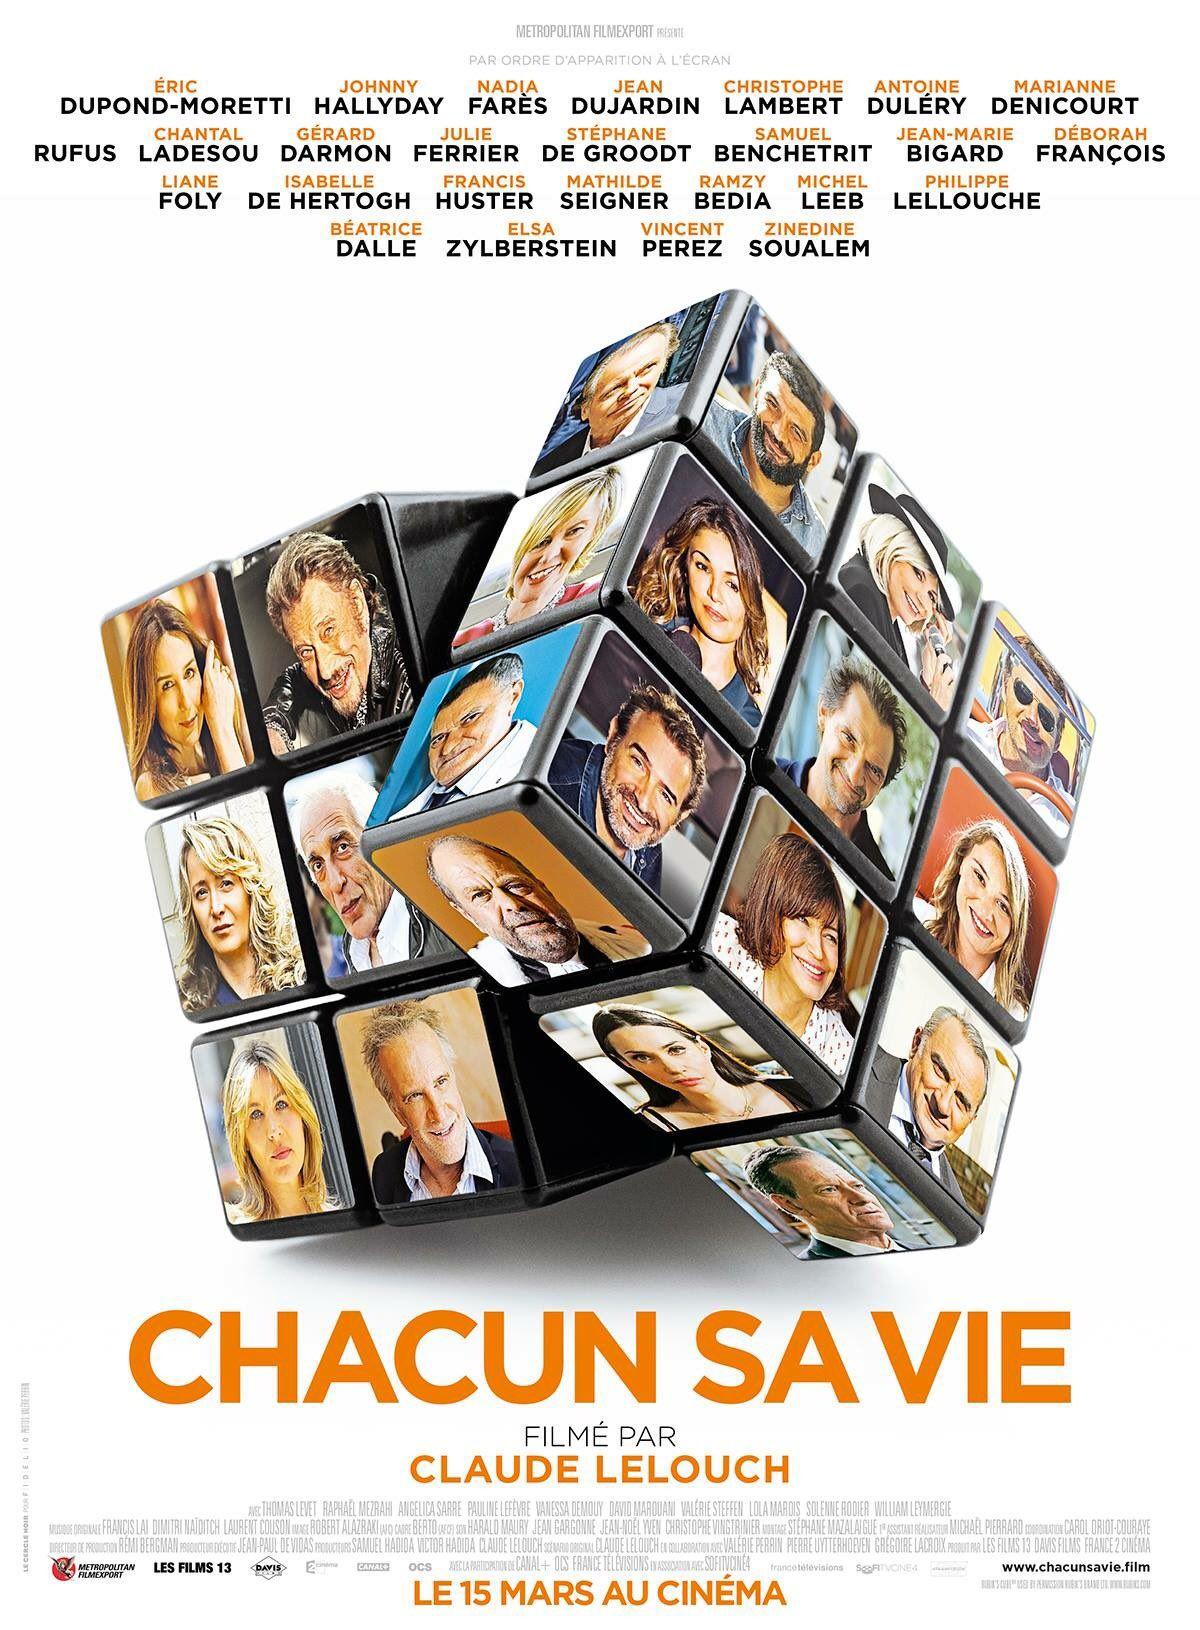 Chacun sa vie - Film (2017)